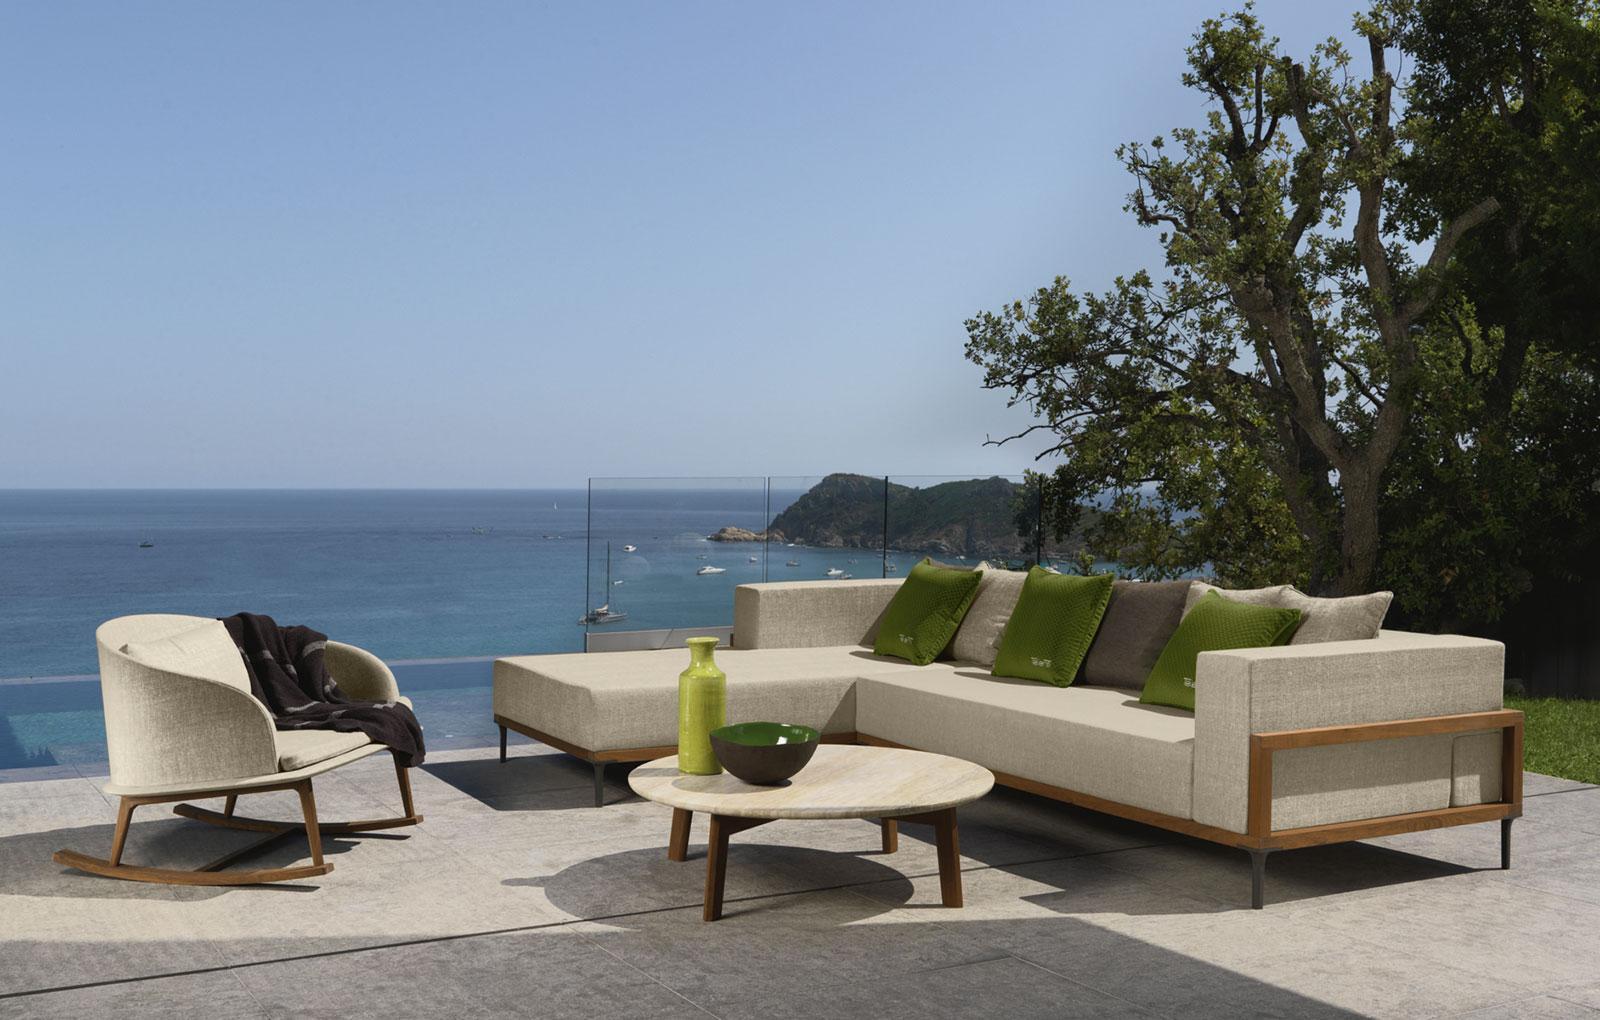 tables basses d 'extérieur ameublement design haut de gamme jardin luxe moderne en ligne mobilier meuble contemporains site italiens qualité rondes